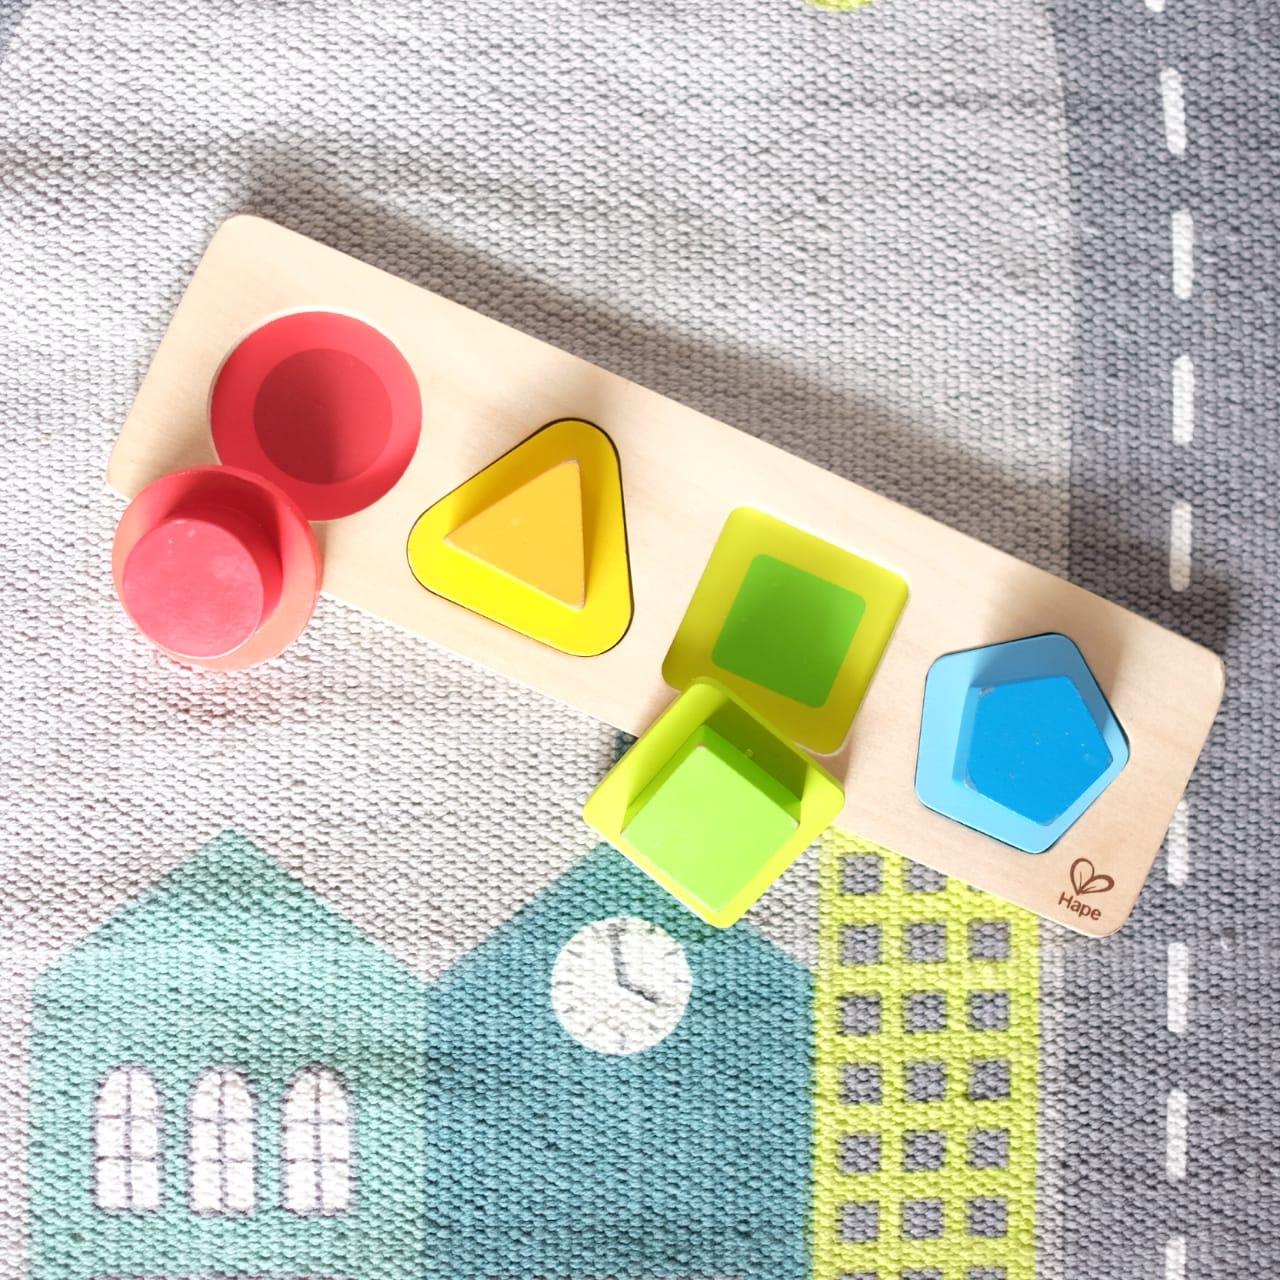 Hape shapes puzzle